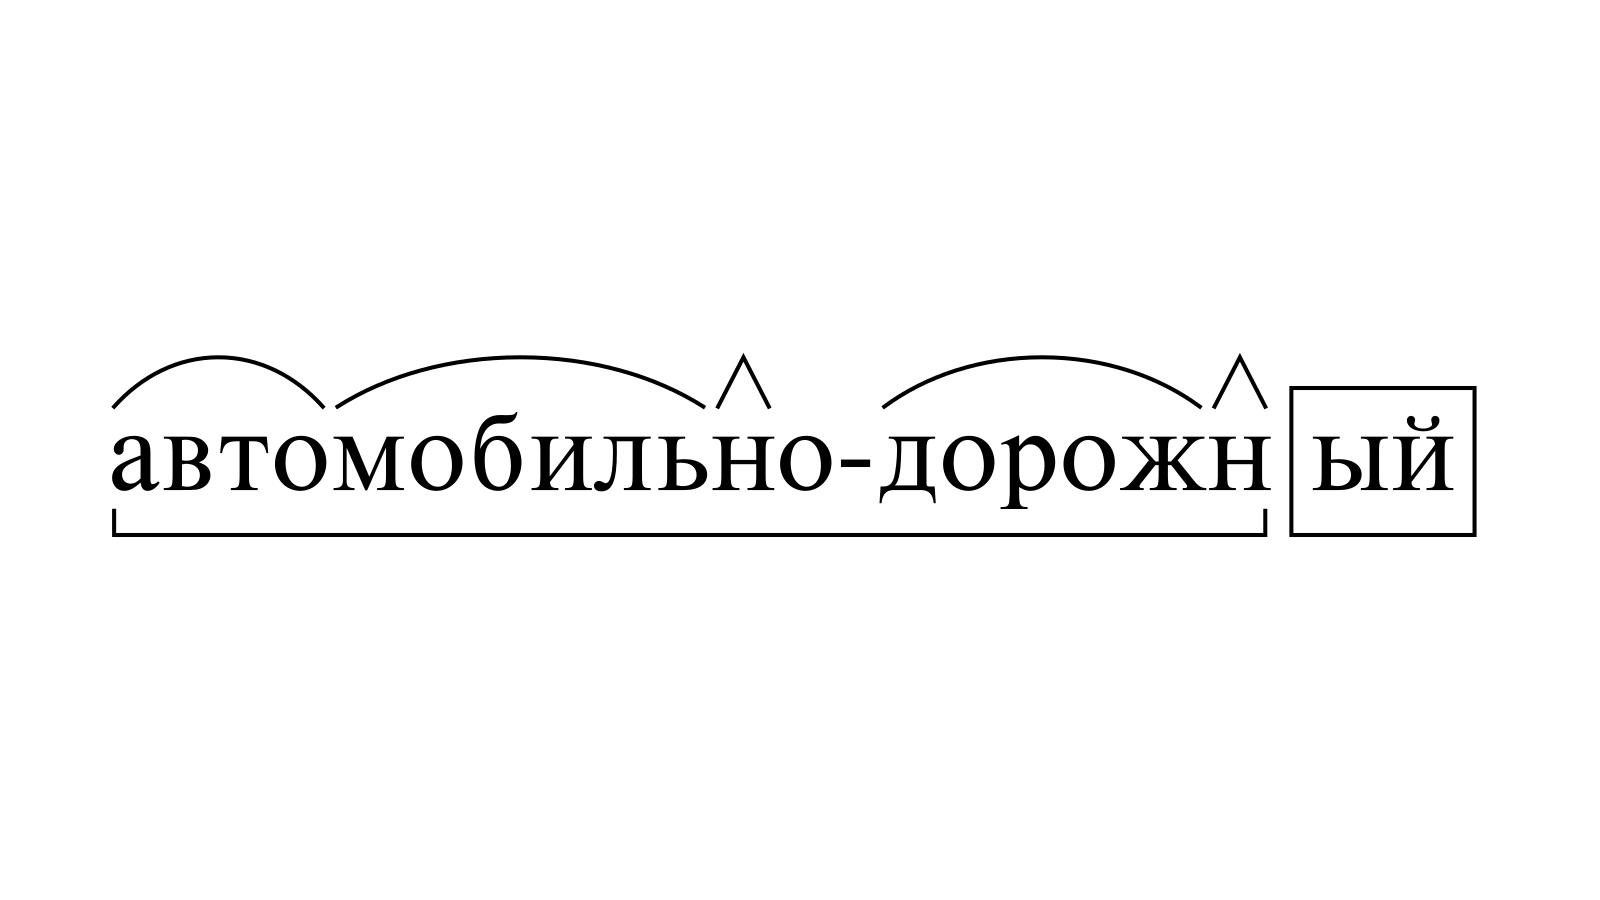 Разбор слова «автомобильно-дорожный» по составу